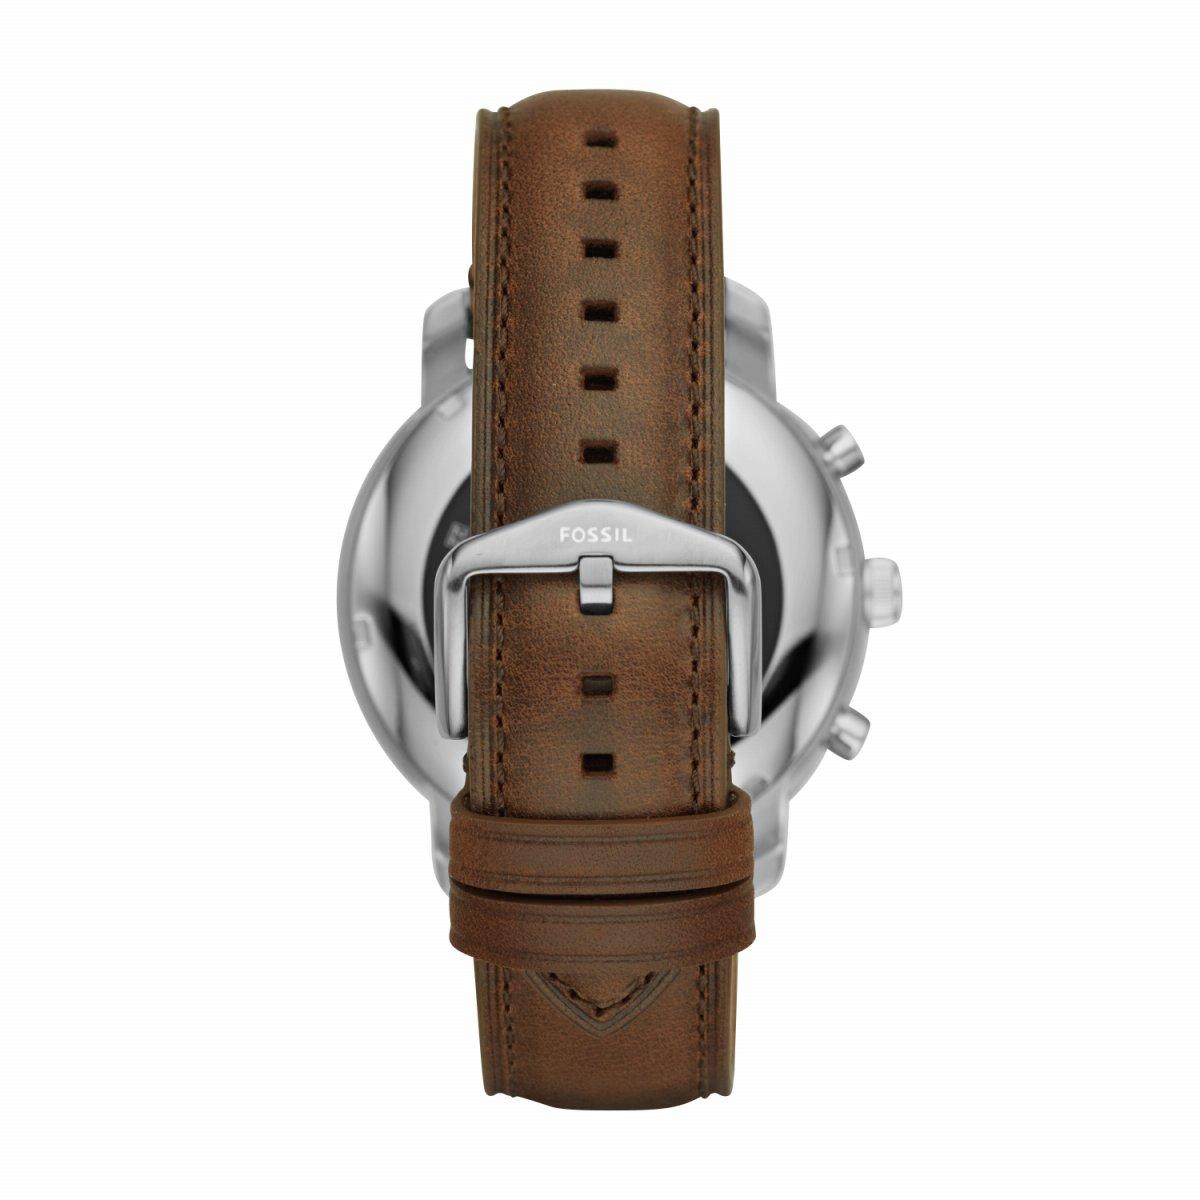 フォッシル FOSSIL Q スマートウォッチ ウェアラブル 腕時計 メンズ エクスプローリスト Q EXPLORIS FTW4003